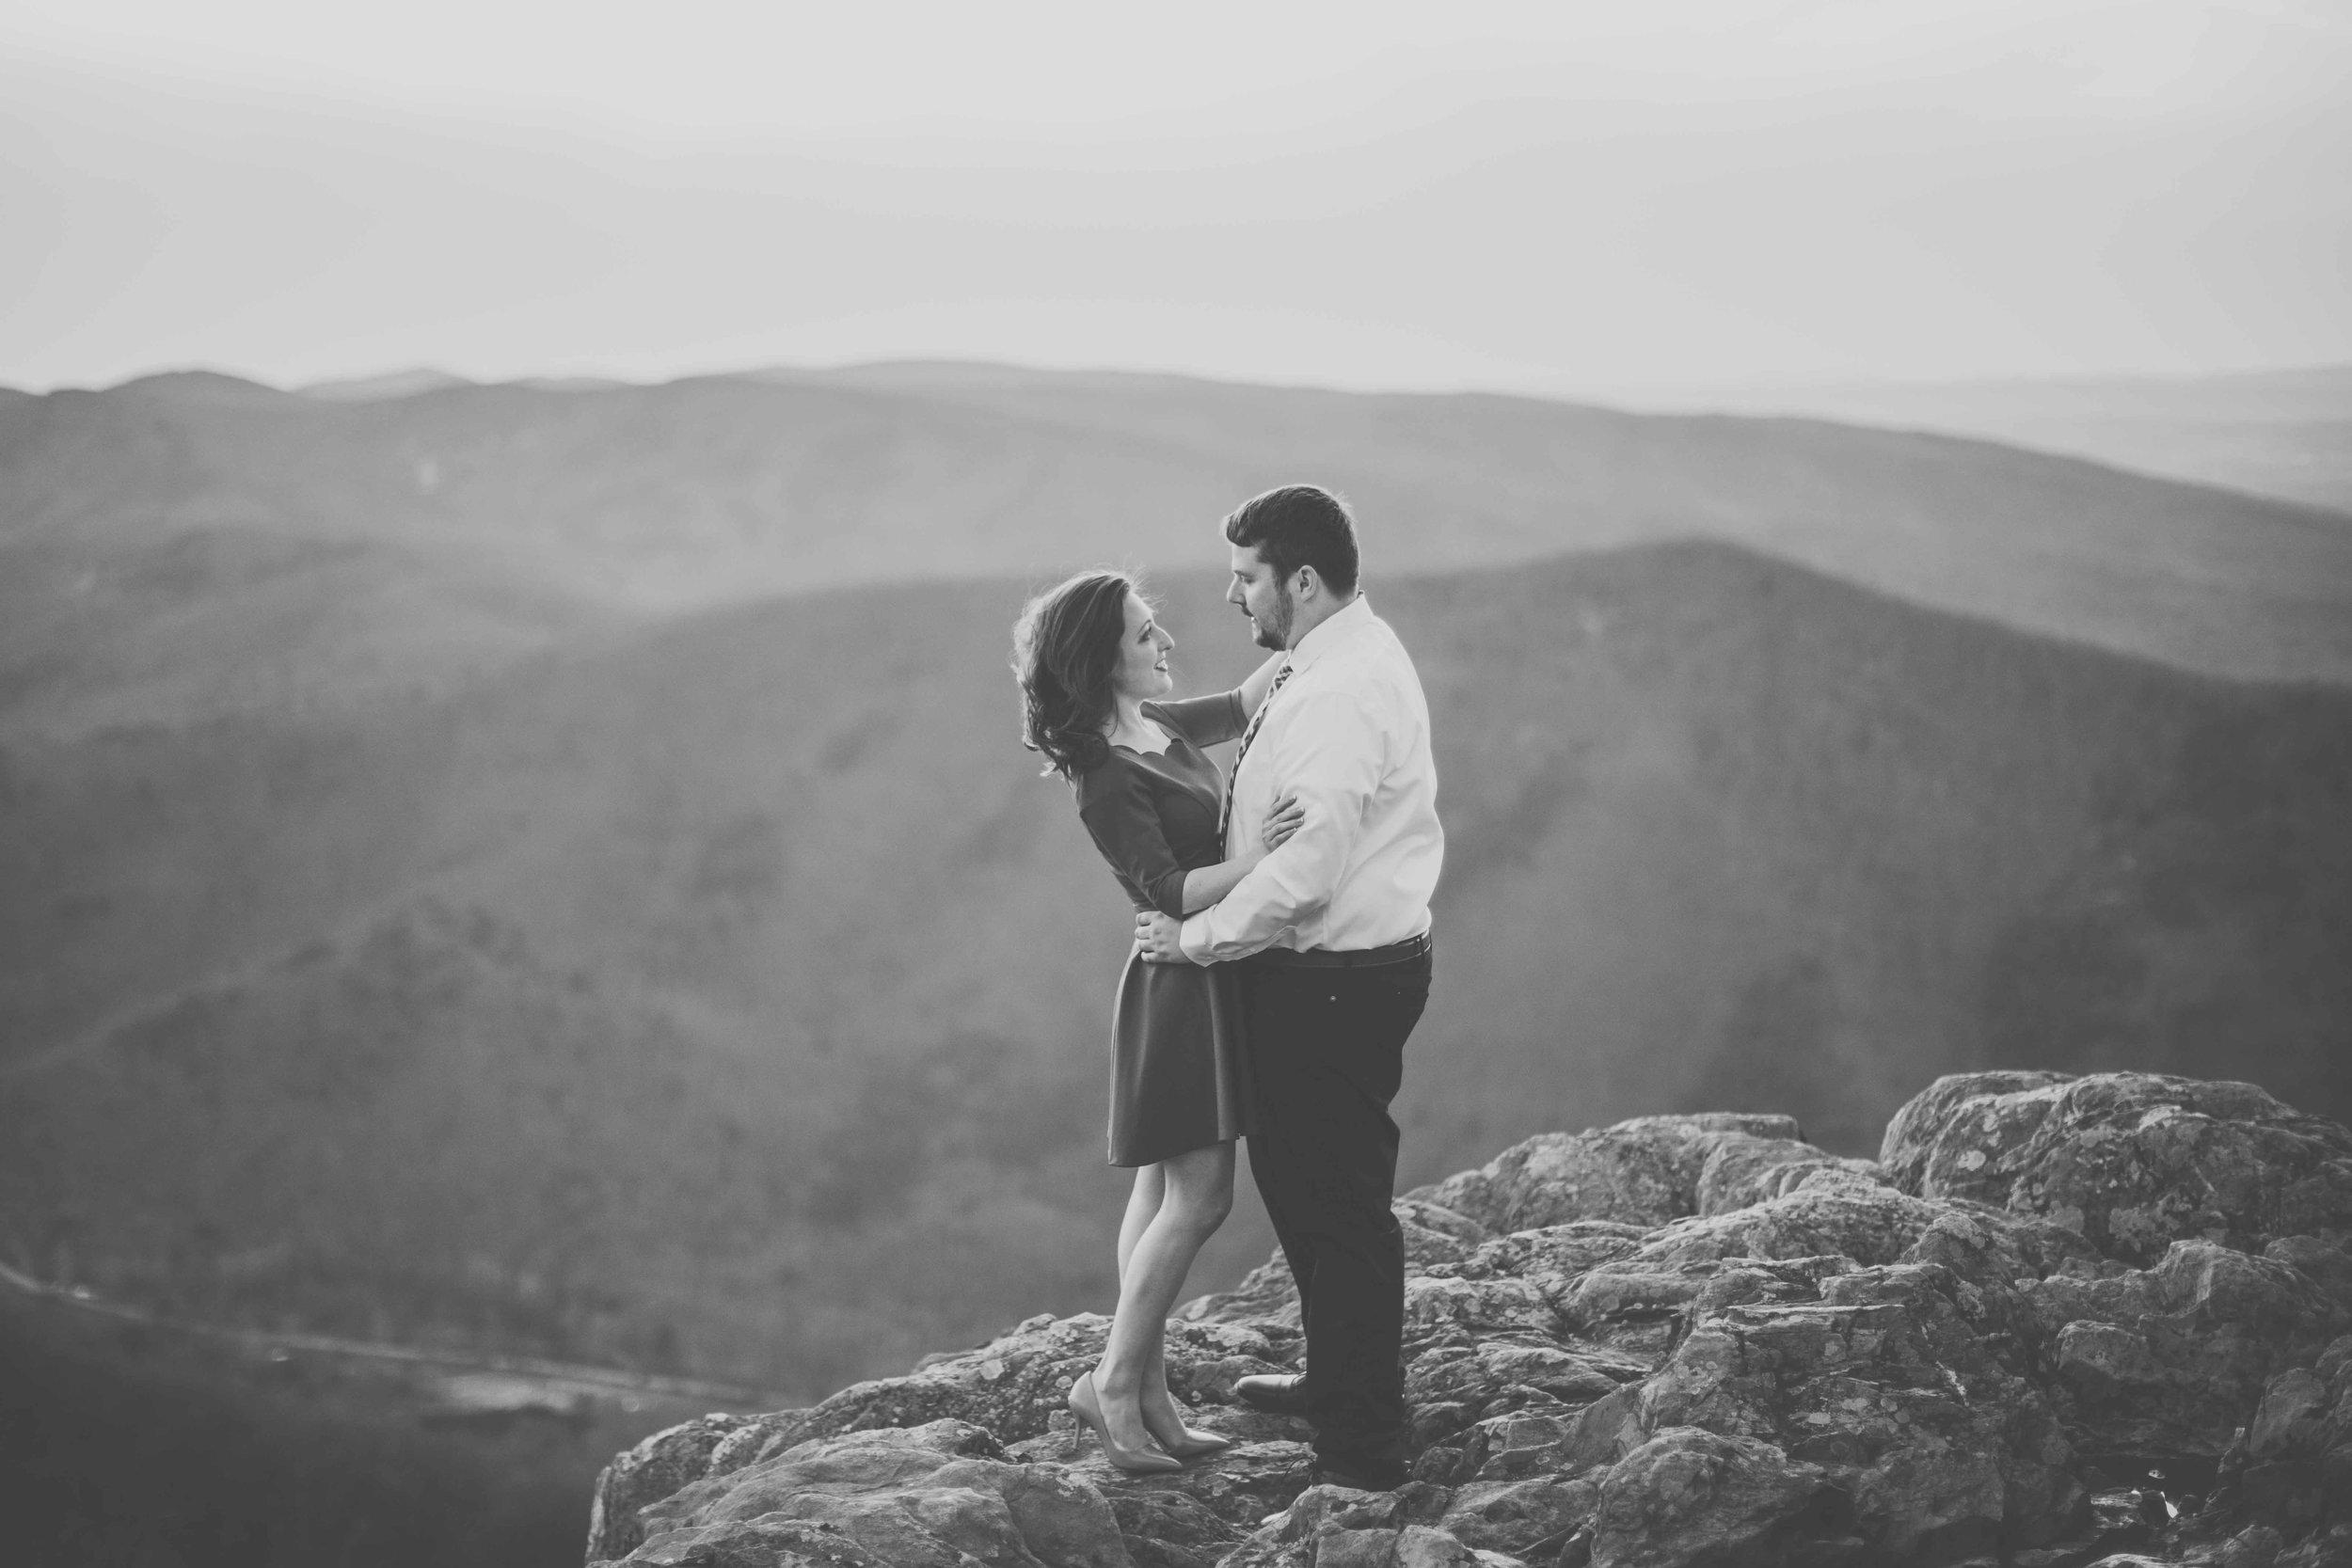 shenandoah-national-park-engagement-shenandoah-wedding-photographer-38.jpg